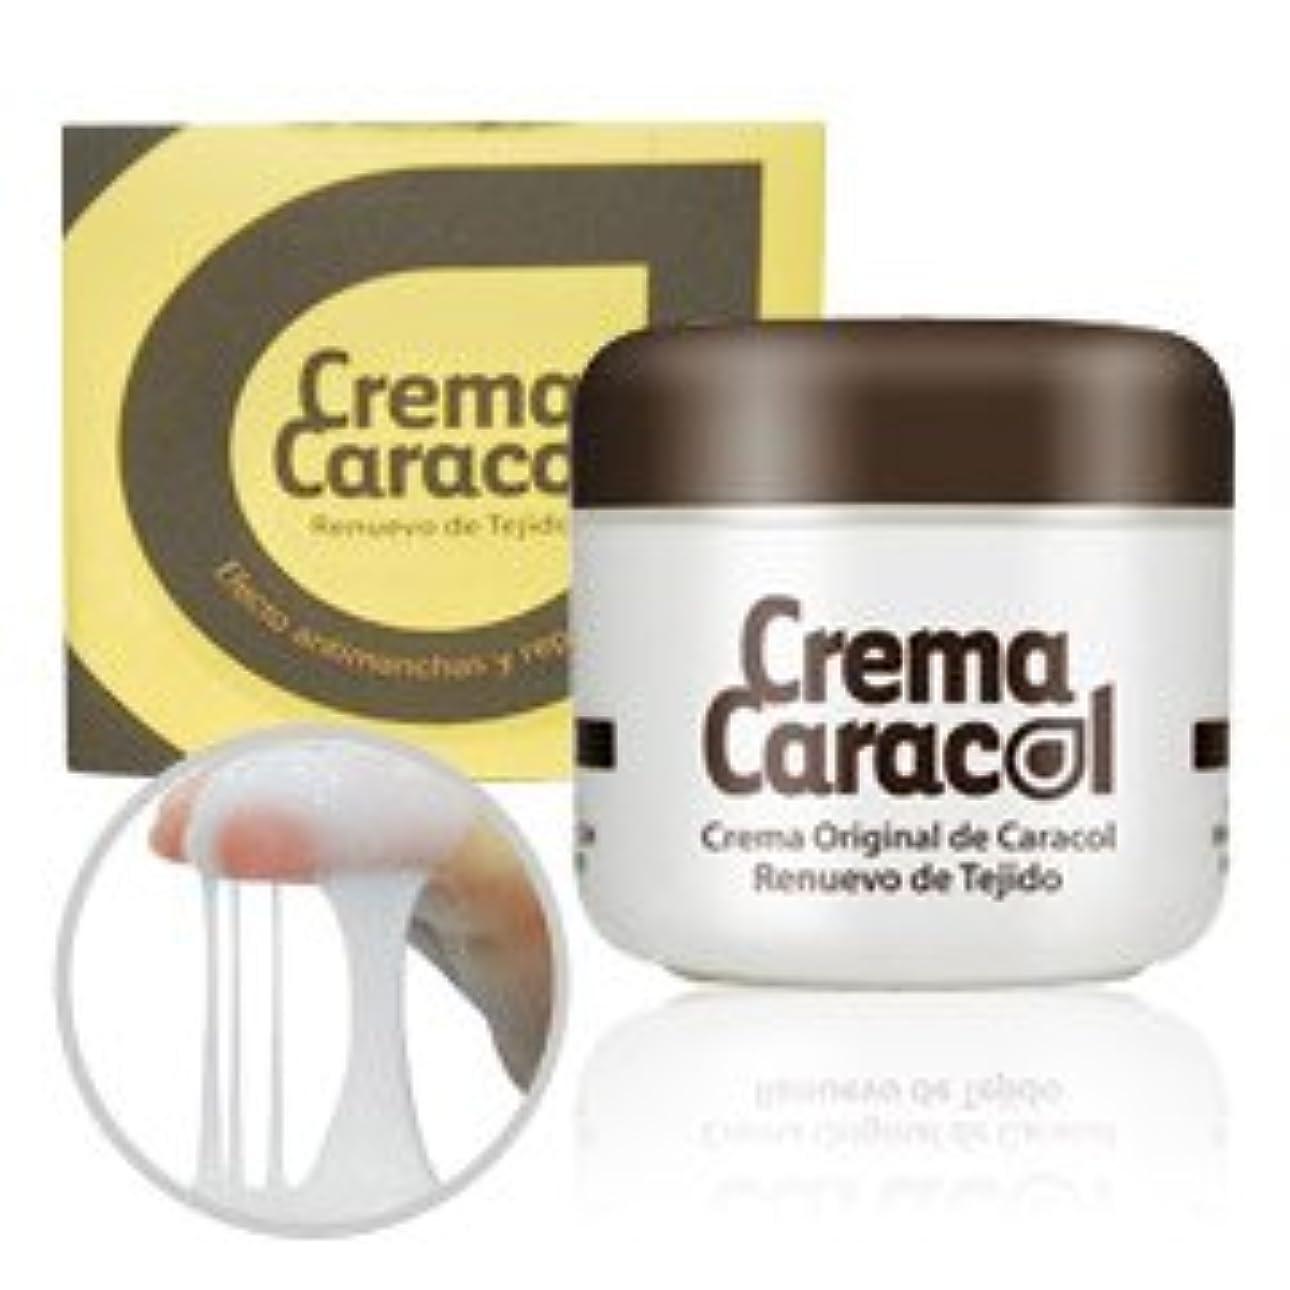 励起フィットファイターcrema caracol(カラコール) かたつむりクリーム 3個セット